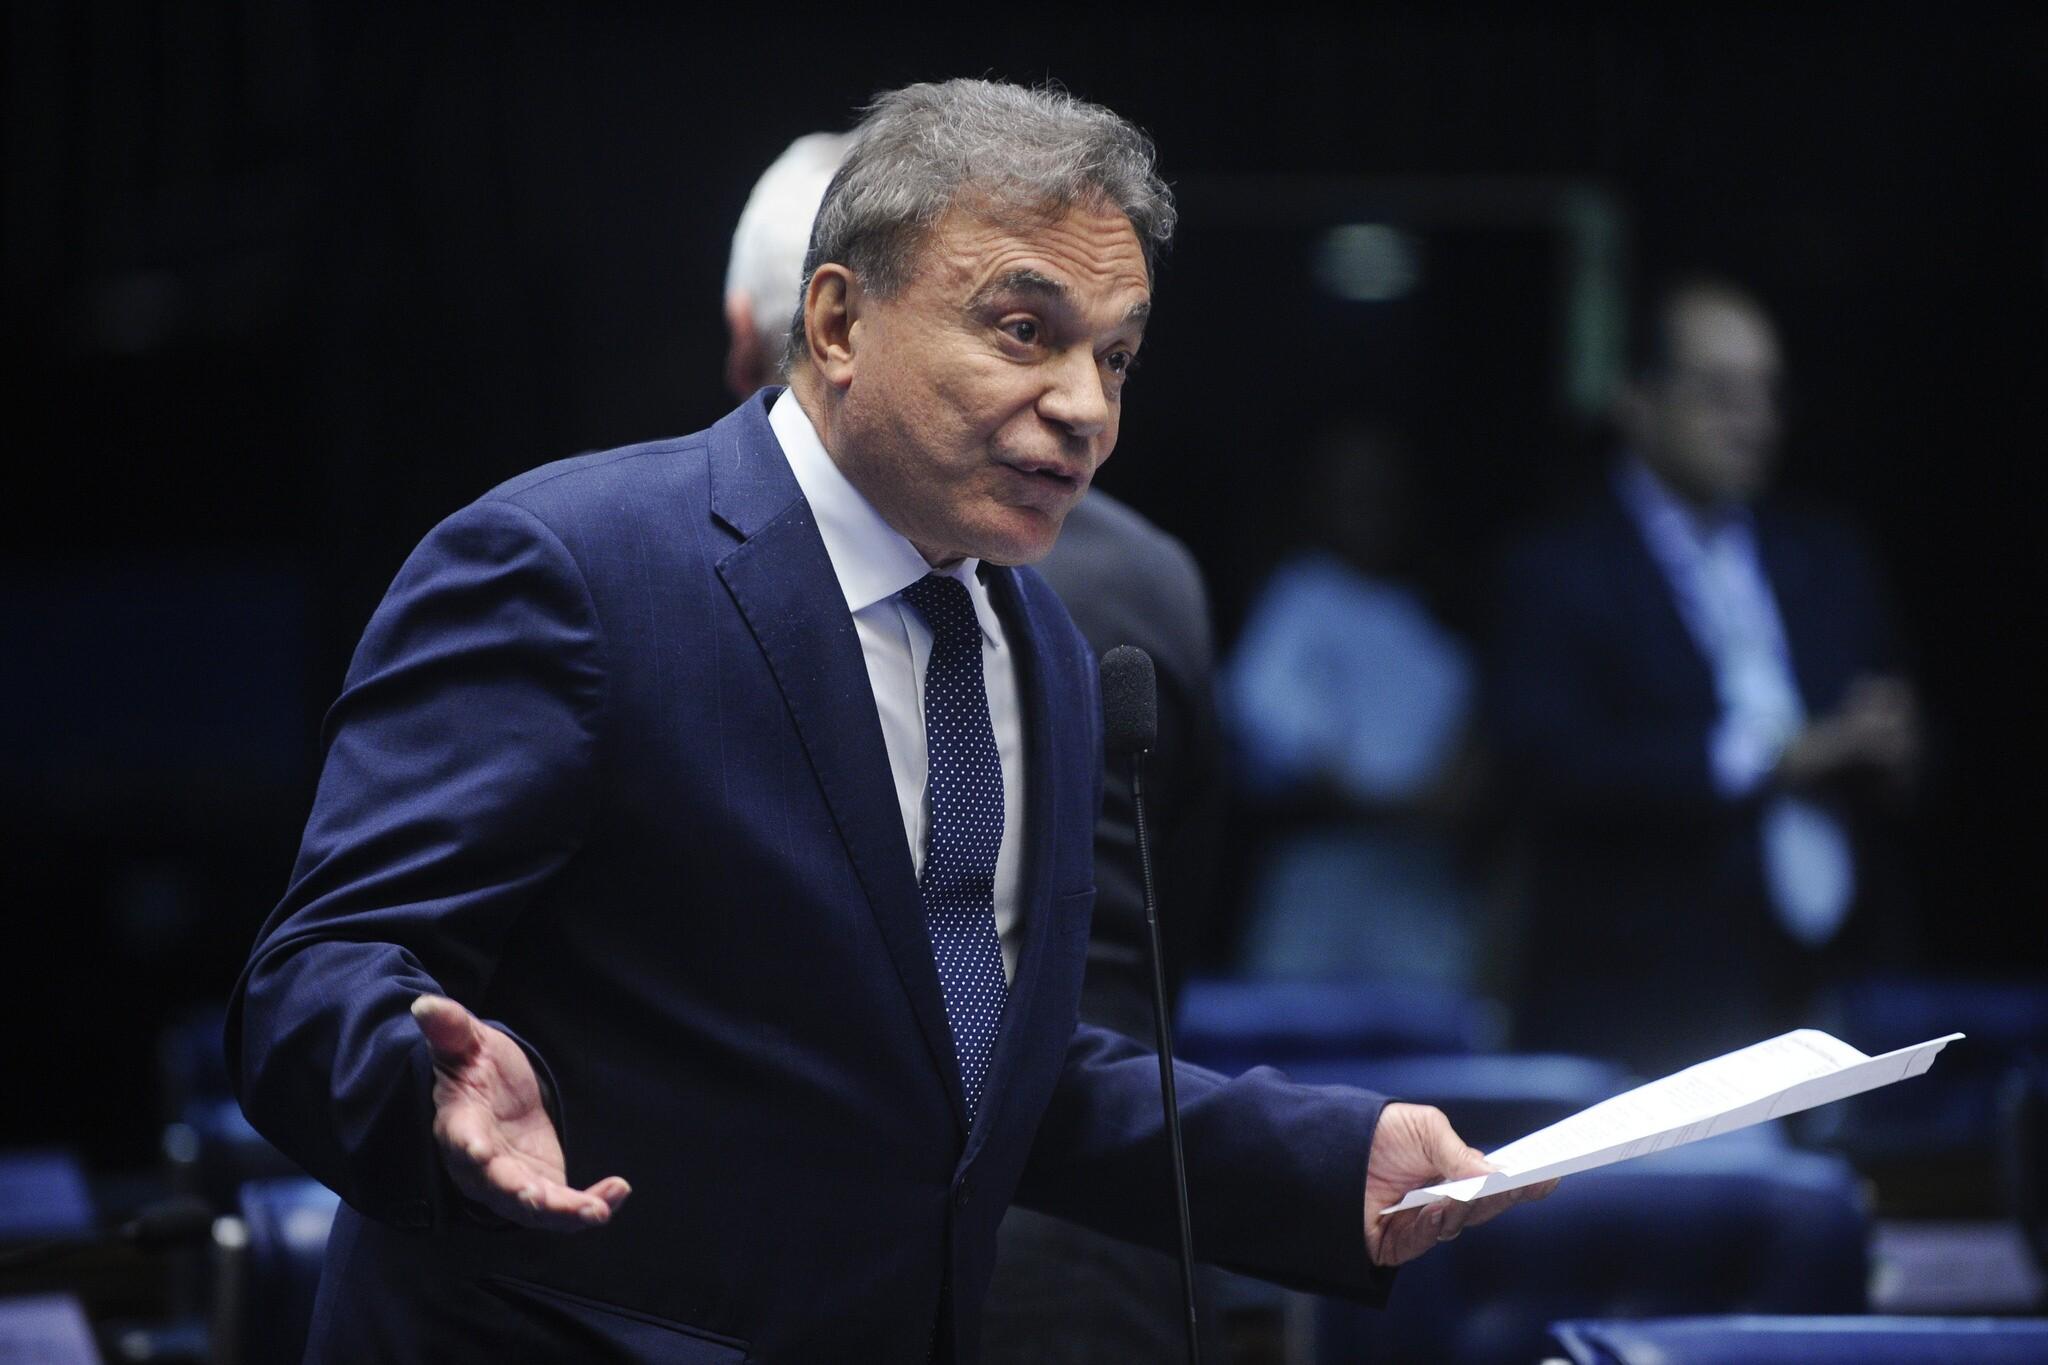 Favorável à PEC dos gastos, o senador Alvaro Dias (PV-PR) acha que outras medidas seriam necessárias